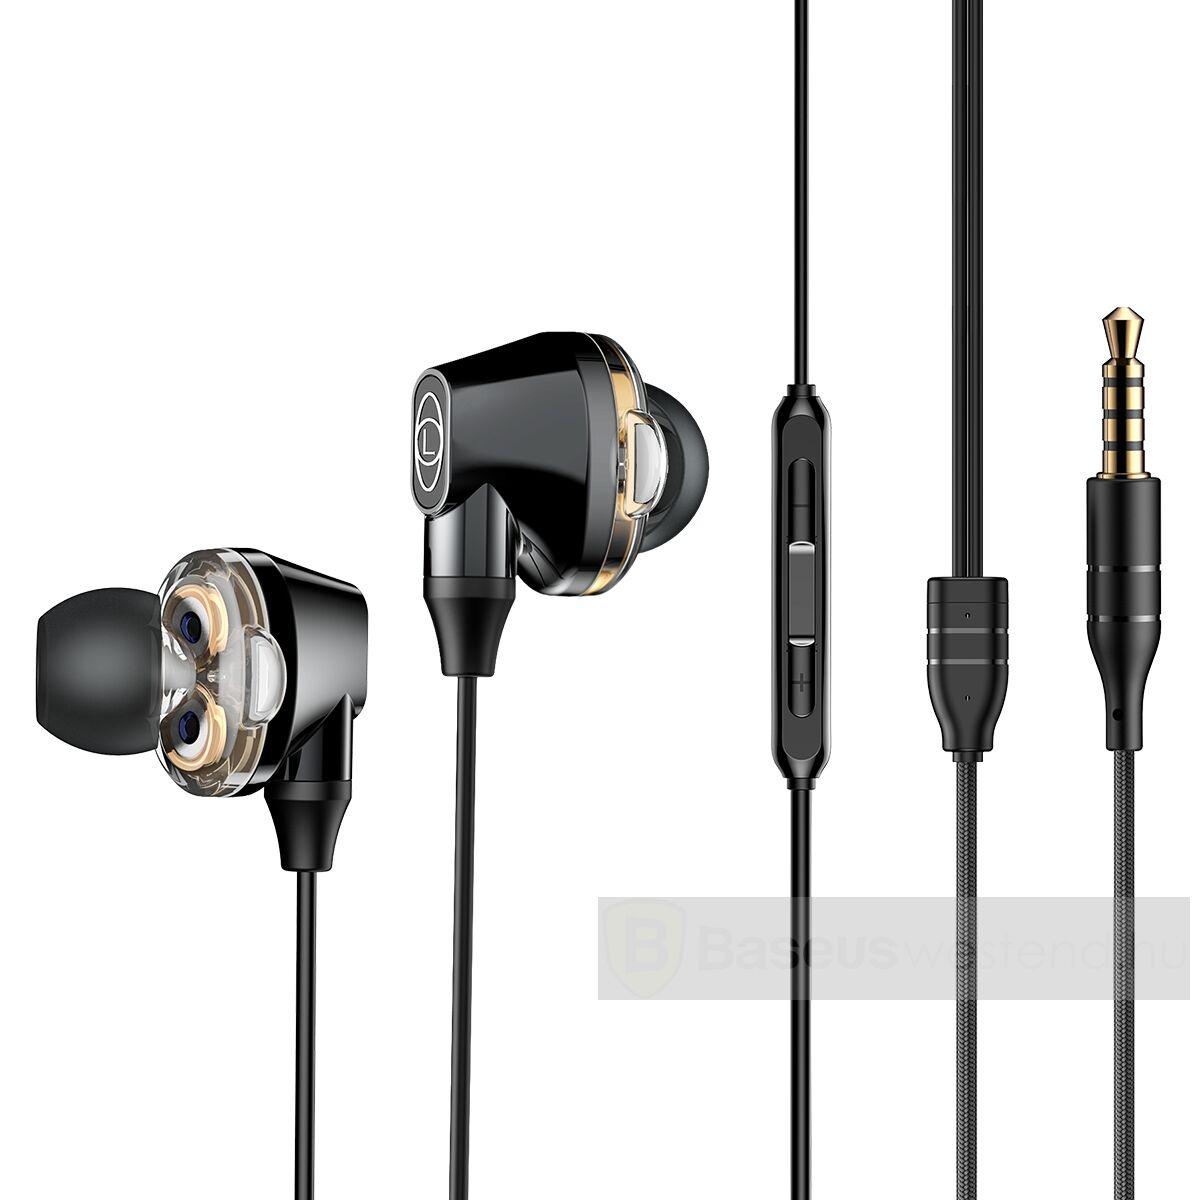 Baseus fülhallgató, Encok H10 Dual Moving-Coil vezetékes headset, vezérlővel, fekete (NGH10-01)